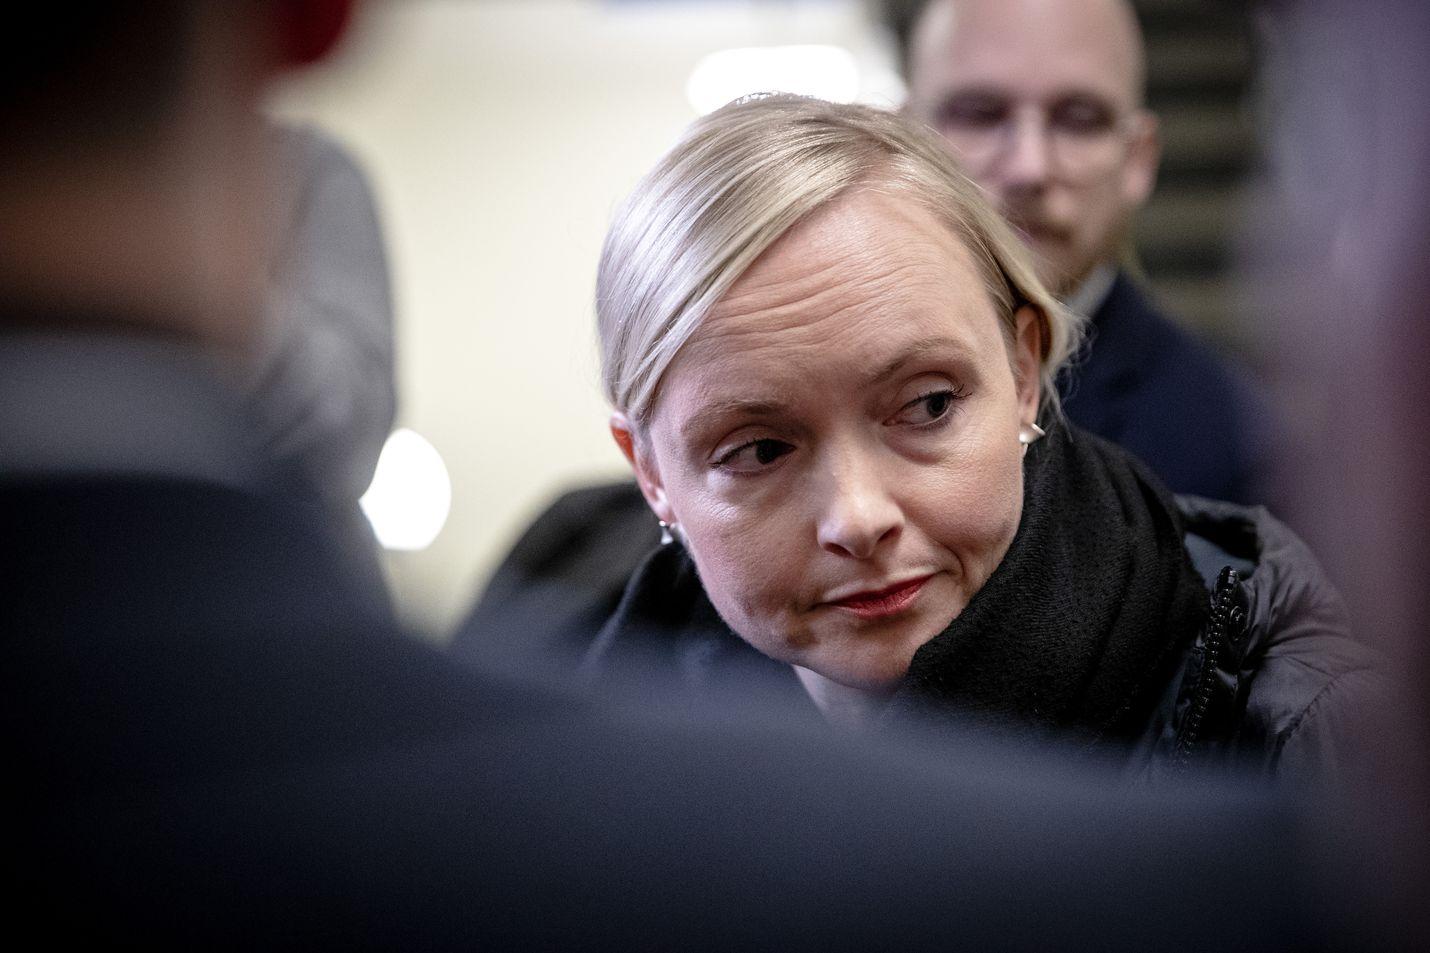 Sisäministeri Maria Ohisalo yllätti tiistaina ainakin osan keskustalaisista sanomalla, että Suomen tulisi ottaa alaikäisiä turvapaikanhakijoita Kreikan pakolaisleireiltä.